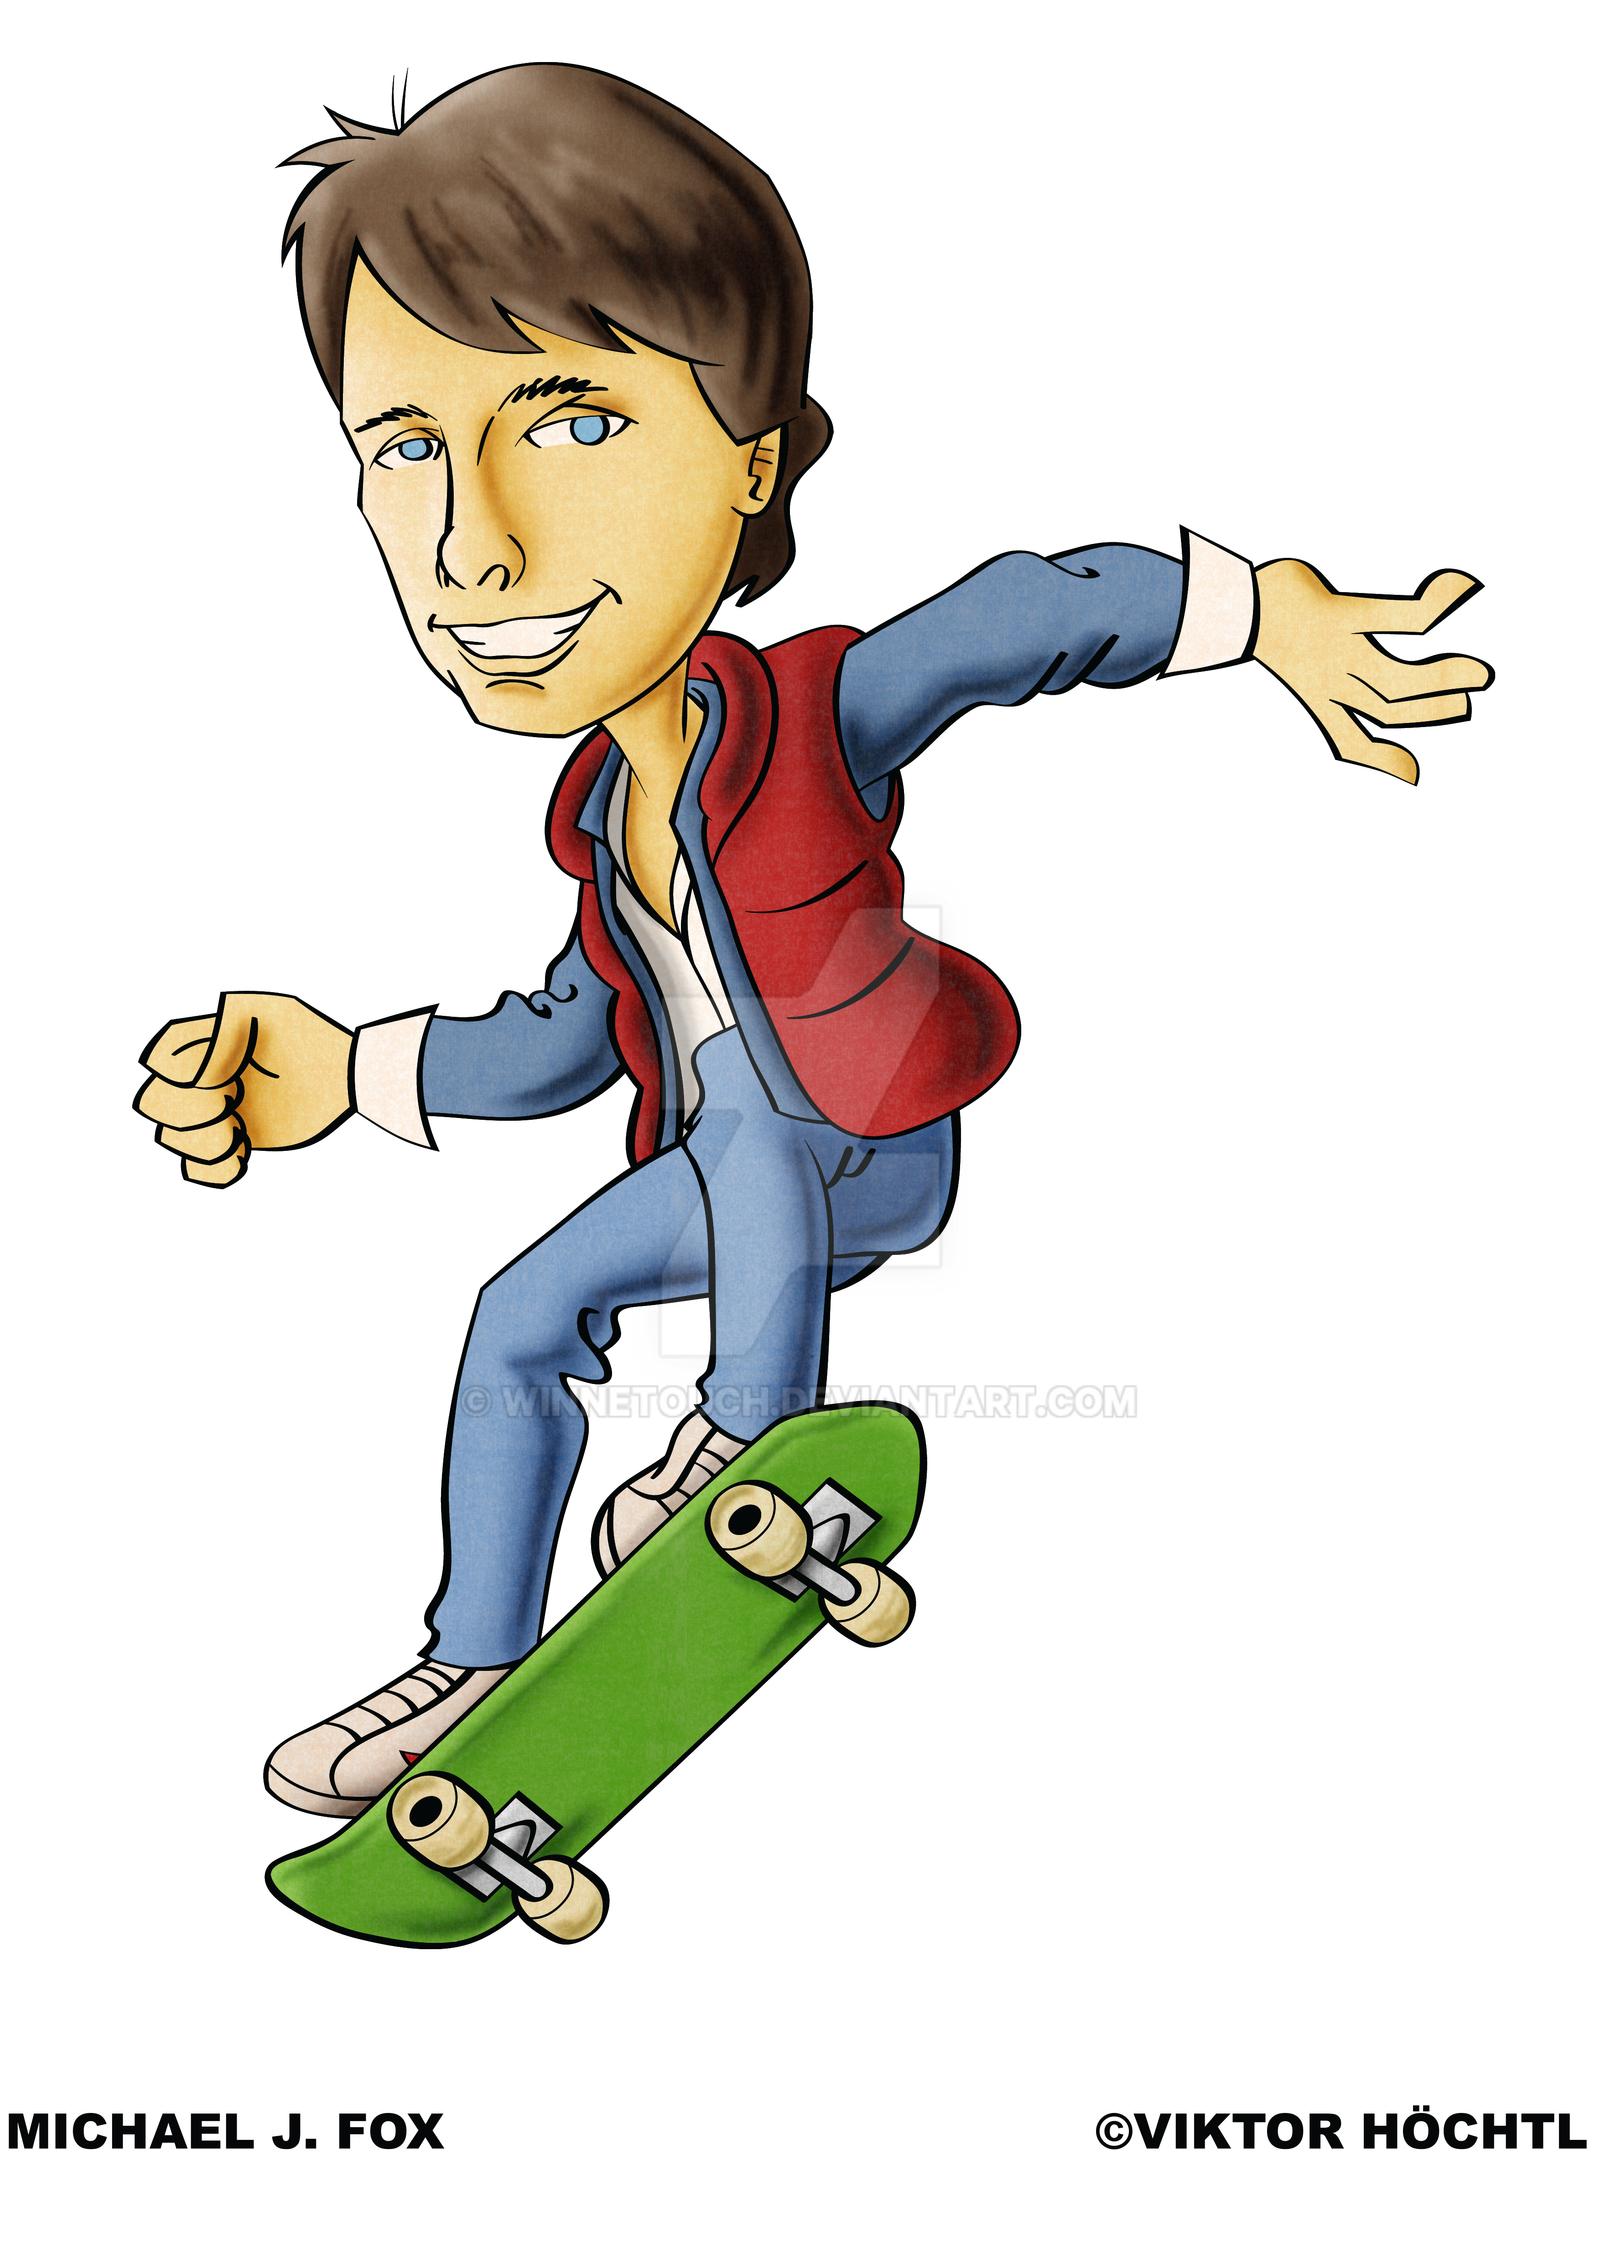 Michael J. Fox aka Marty Mcfly by winnetouch